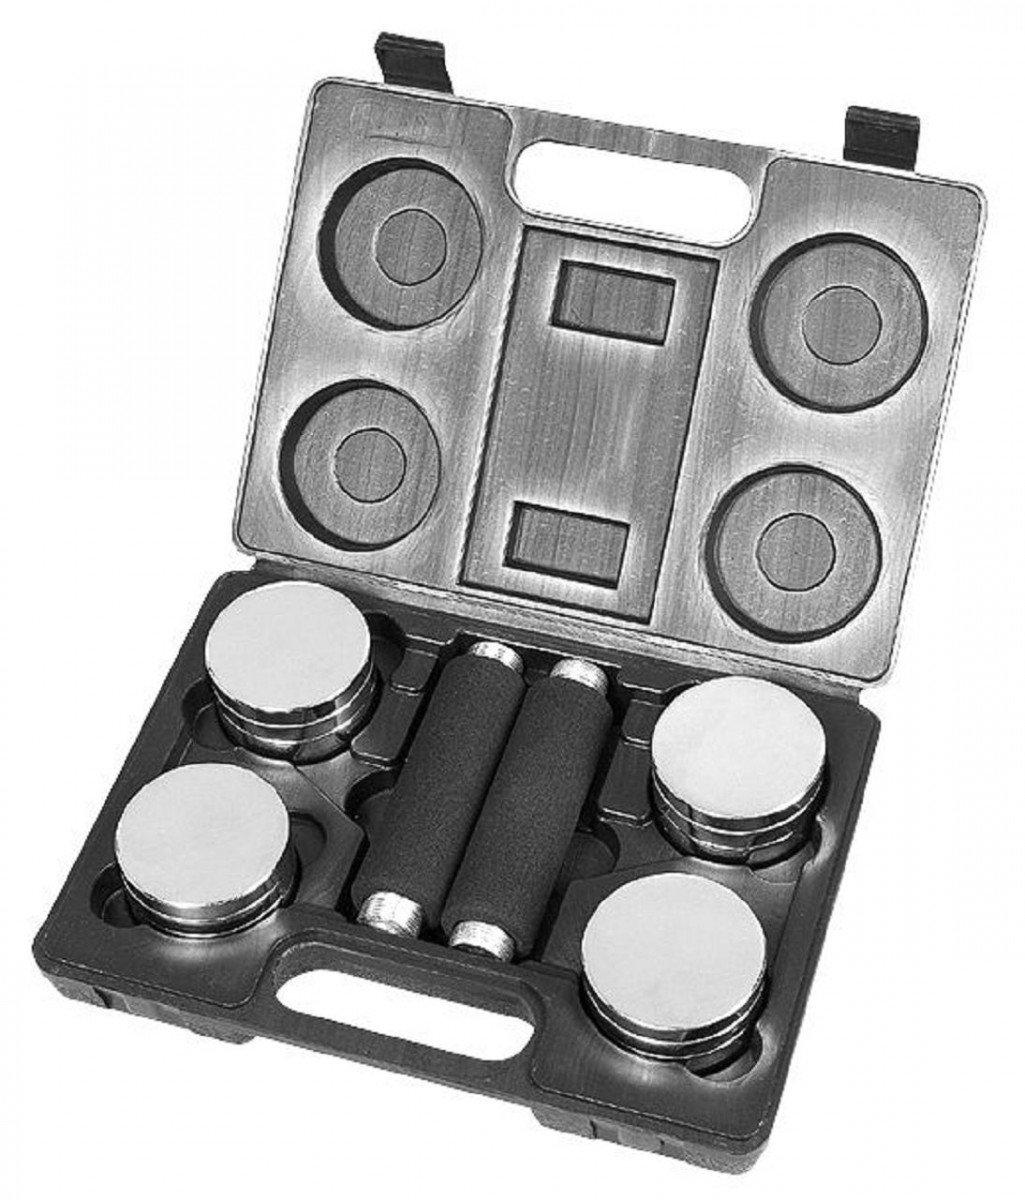 Dreams4Home maletín Set I - Pesas, discos, 4 x 0,25 kg, 2 x 0,5 kg, 2 pesas asas con revestimiento de espuma., peso aprox. 5 kg, en maletín de plástico, ...